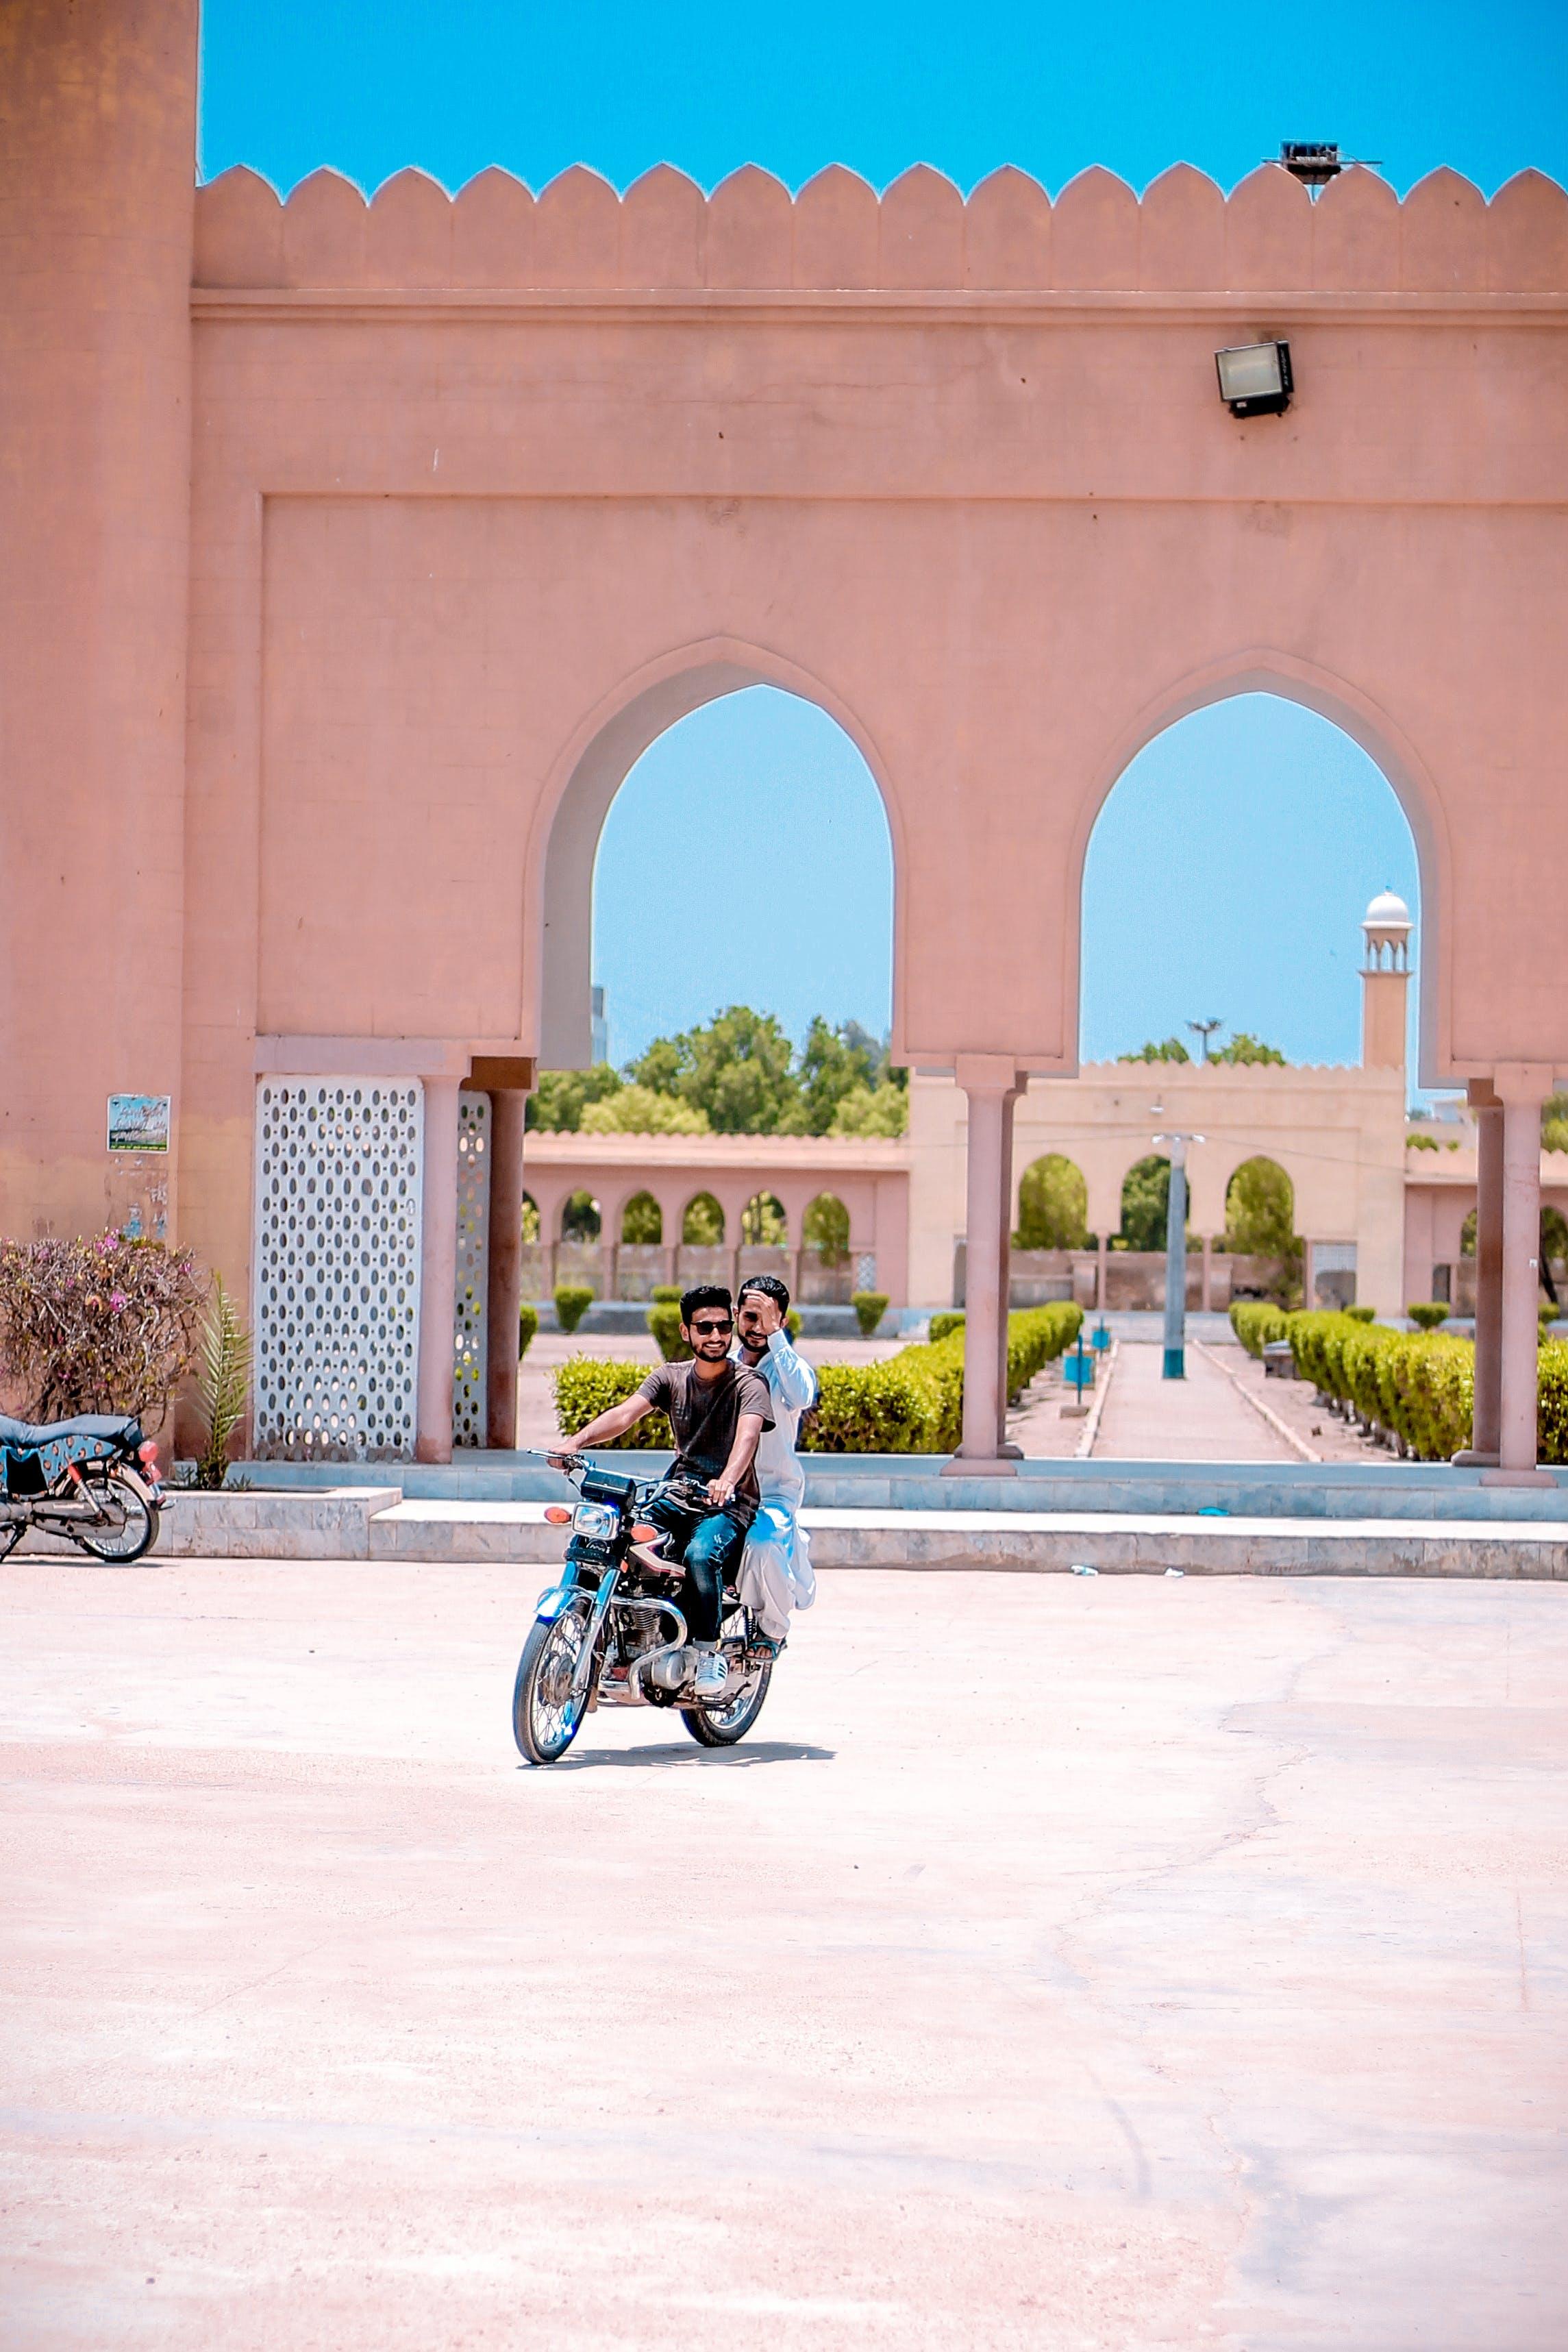 摩托車, 海德拉巴信德, 男, 街 的 免費圖庫相片